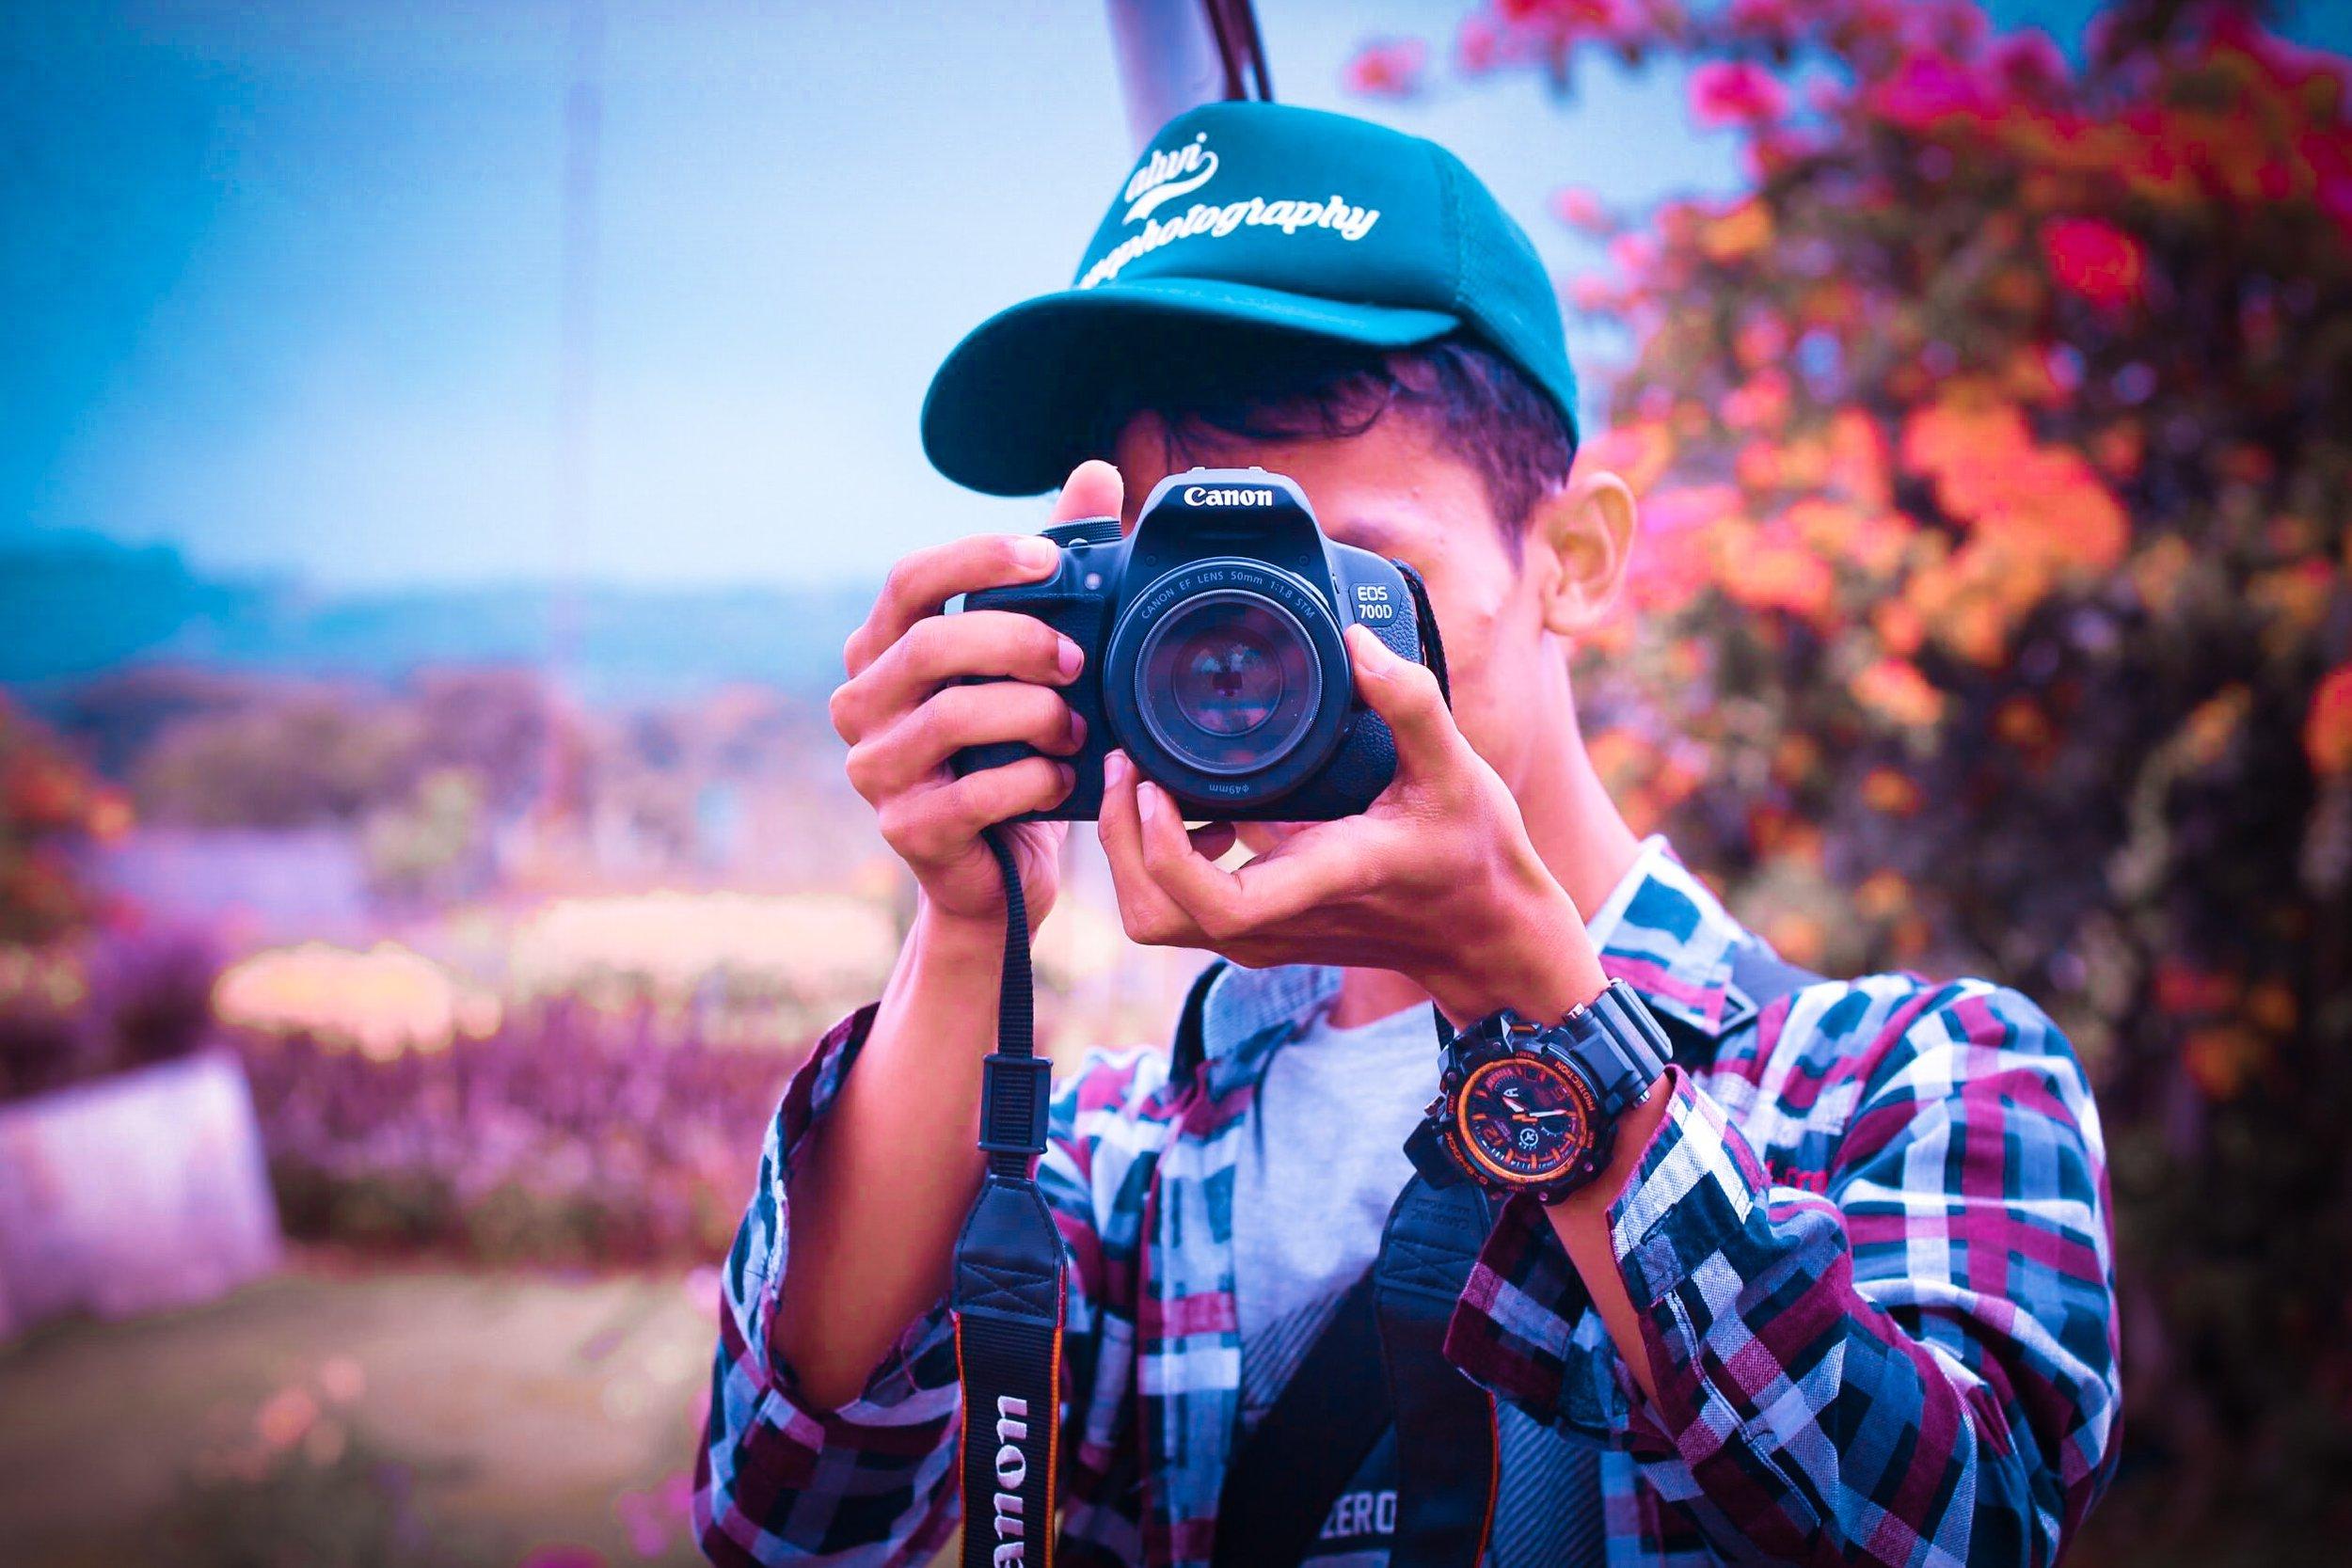 blur-boy-brand-1078810.jpg